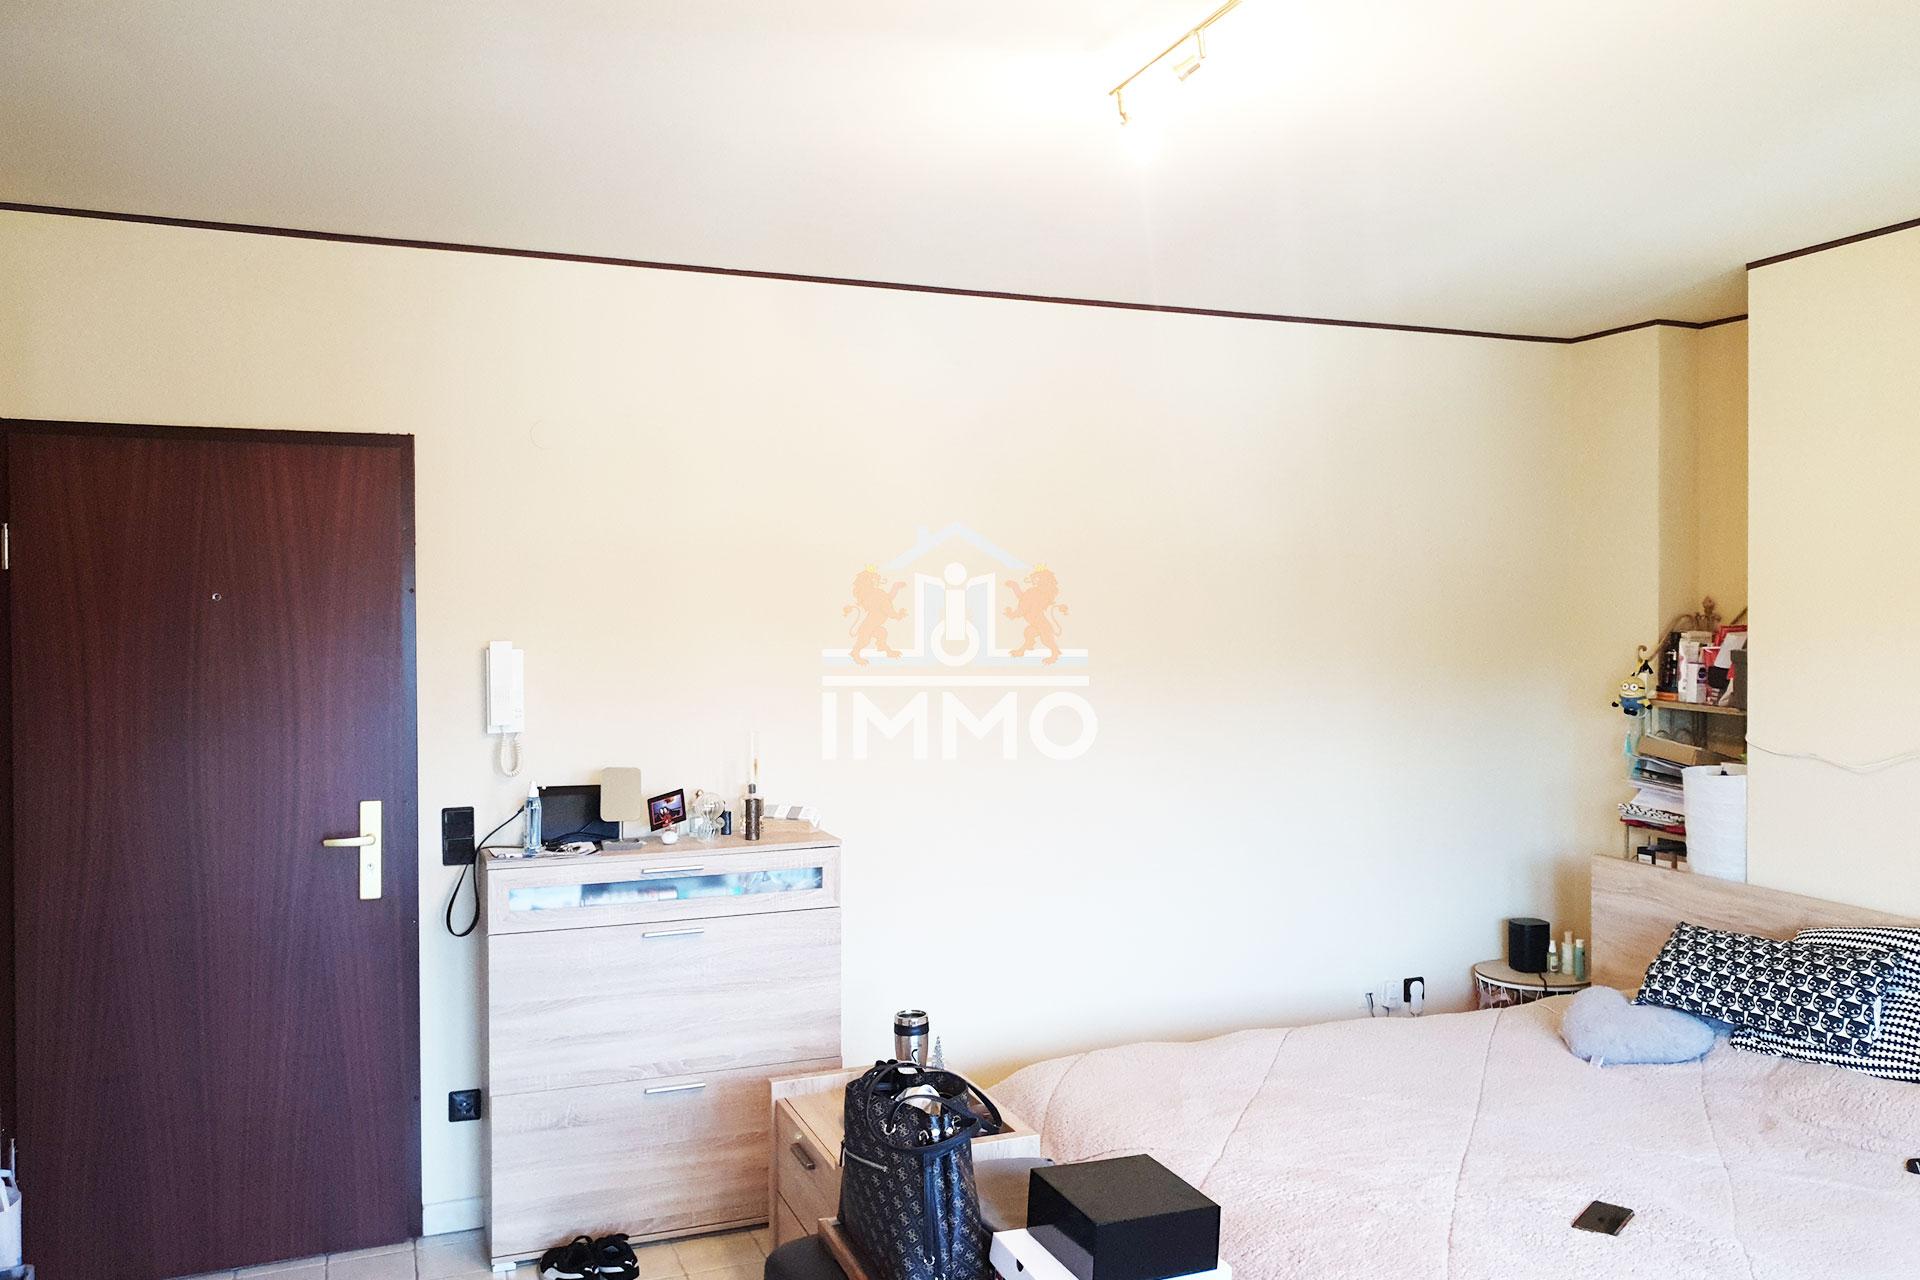 Appartement-a-vendre-a-Esch-sur-Alzette-IMMO-SARL-6